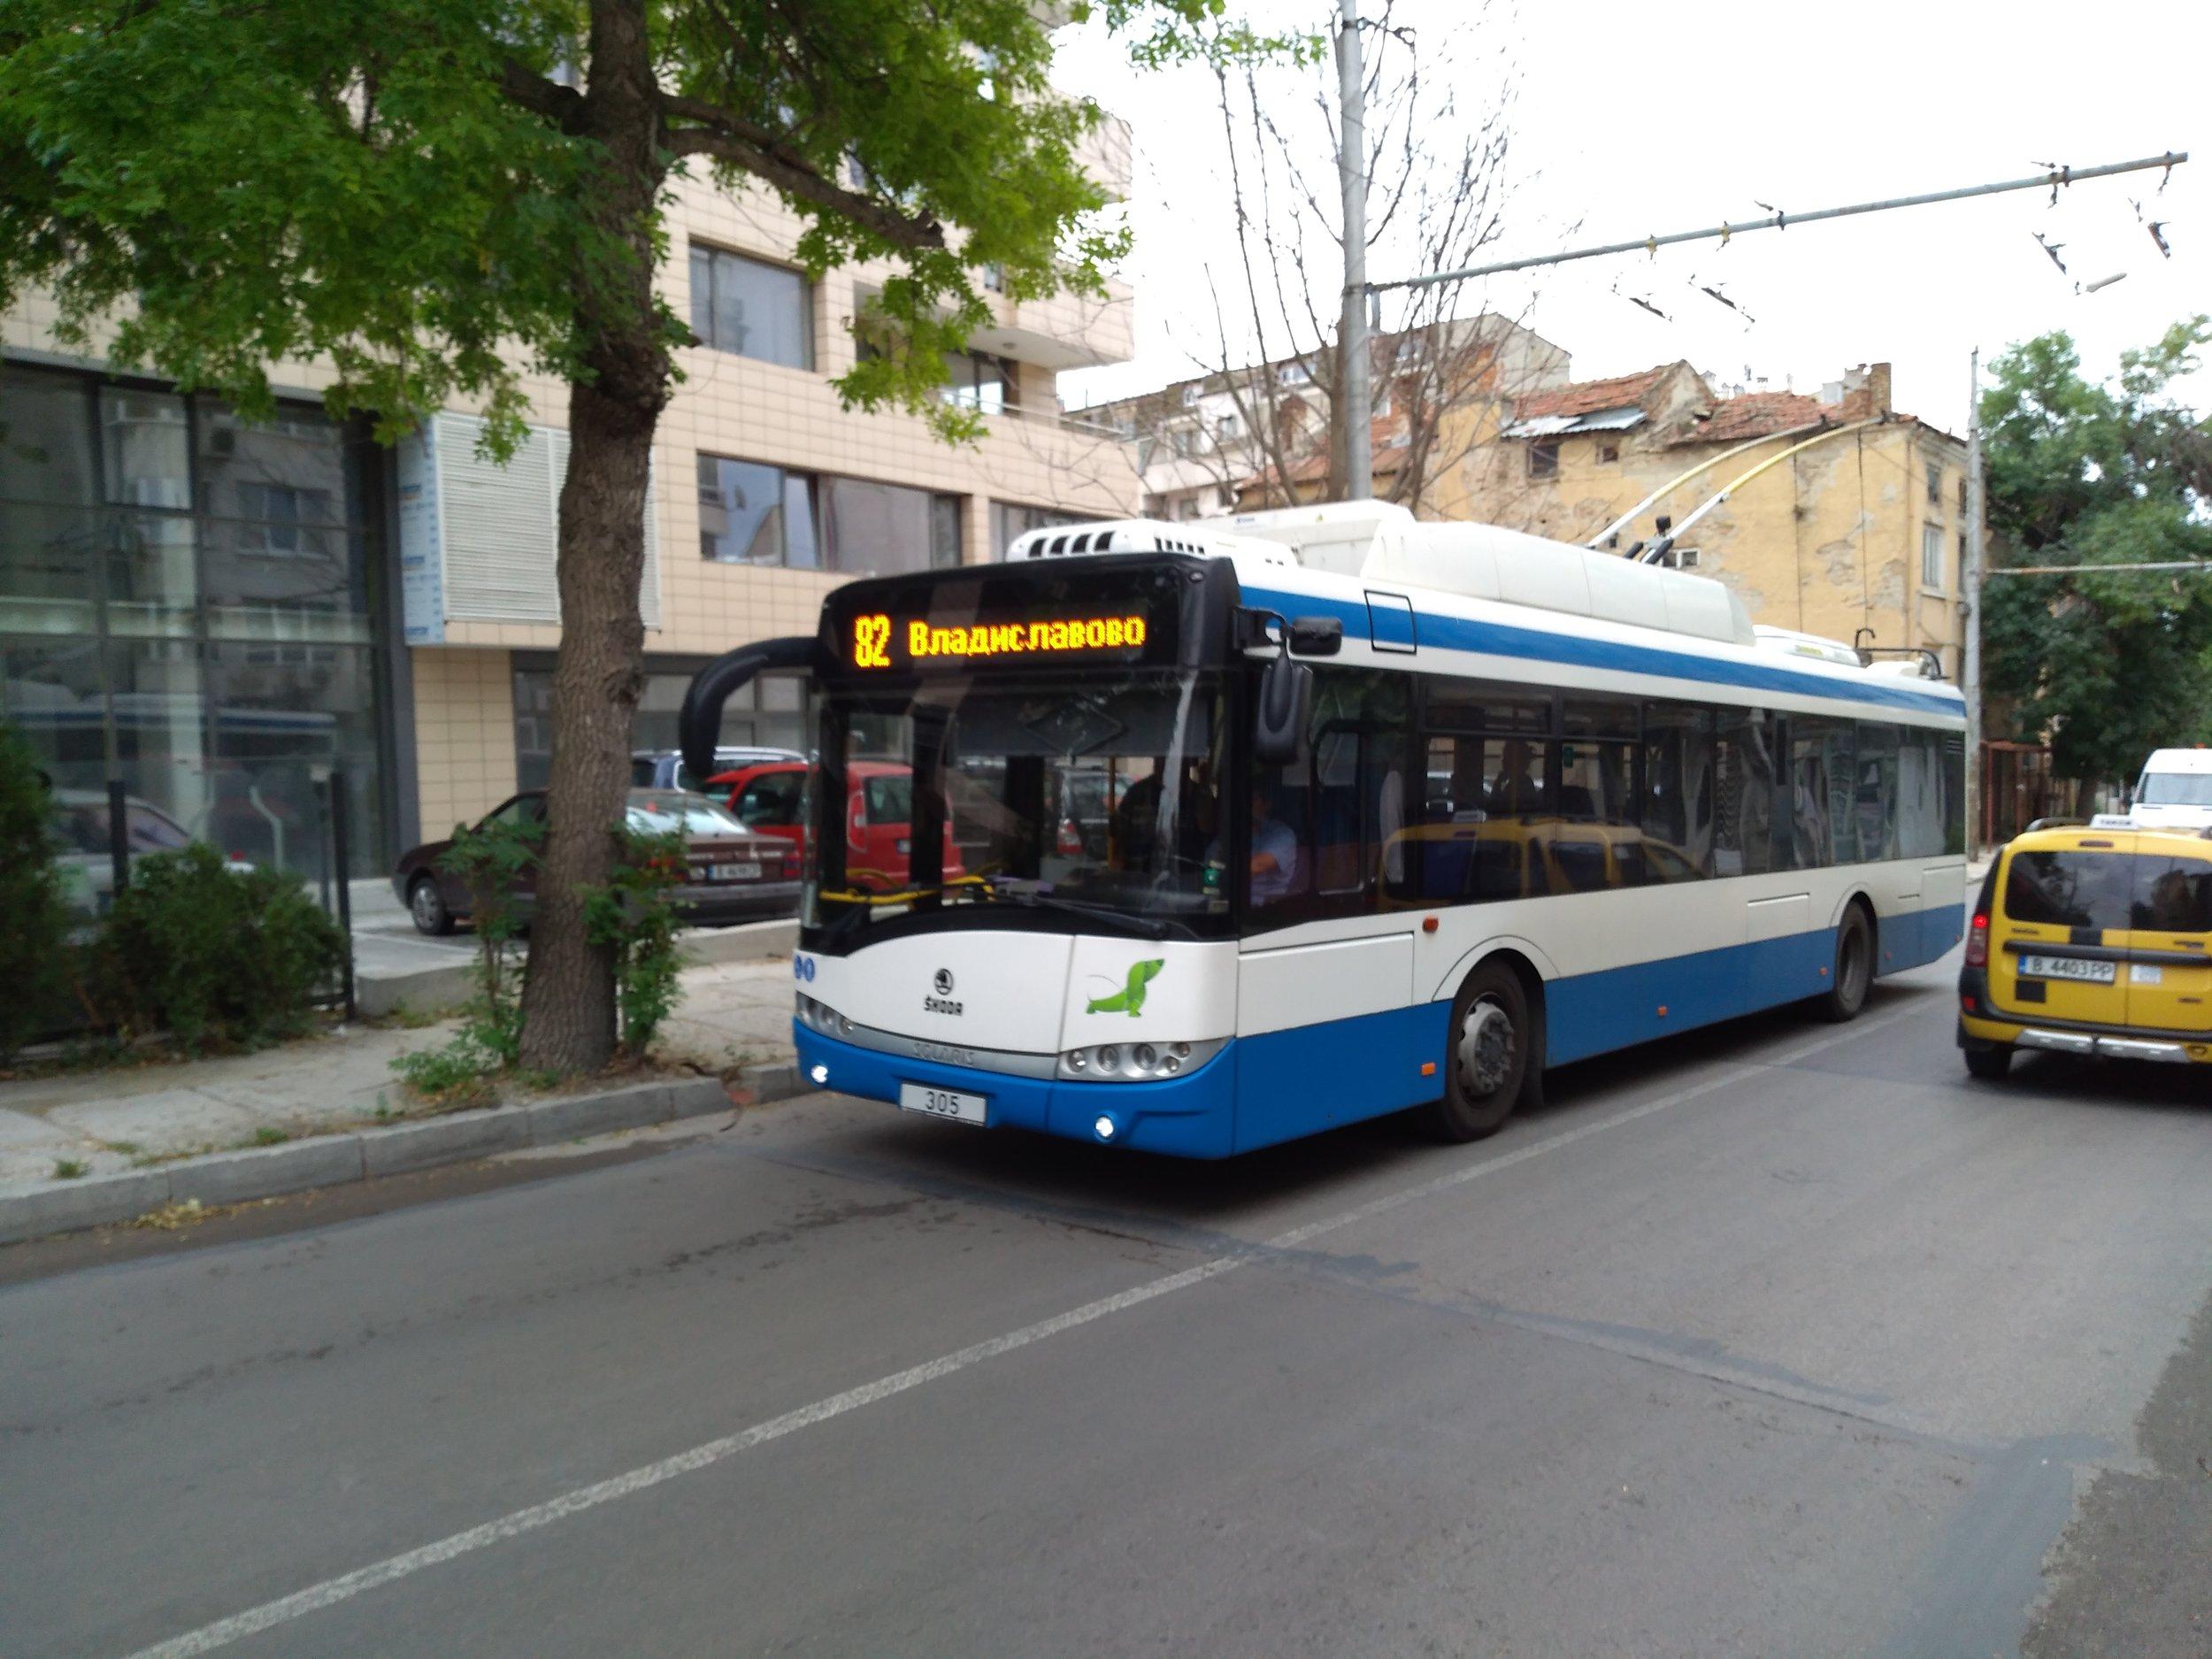 Trolejbus přijíždí k zastávce Dimčo Debeljanov.